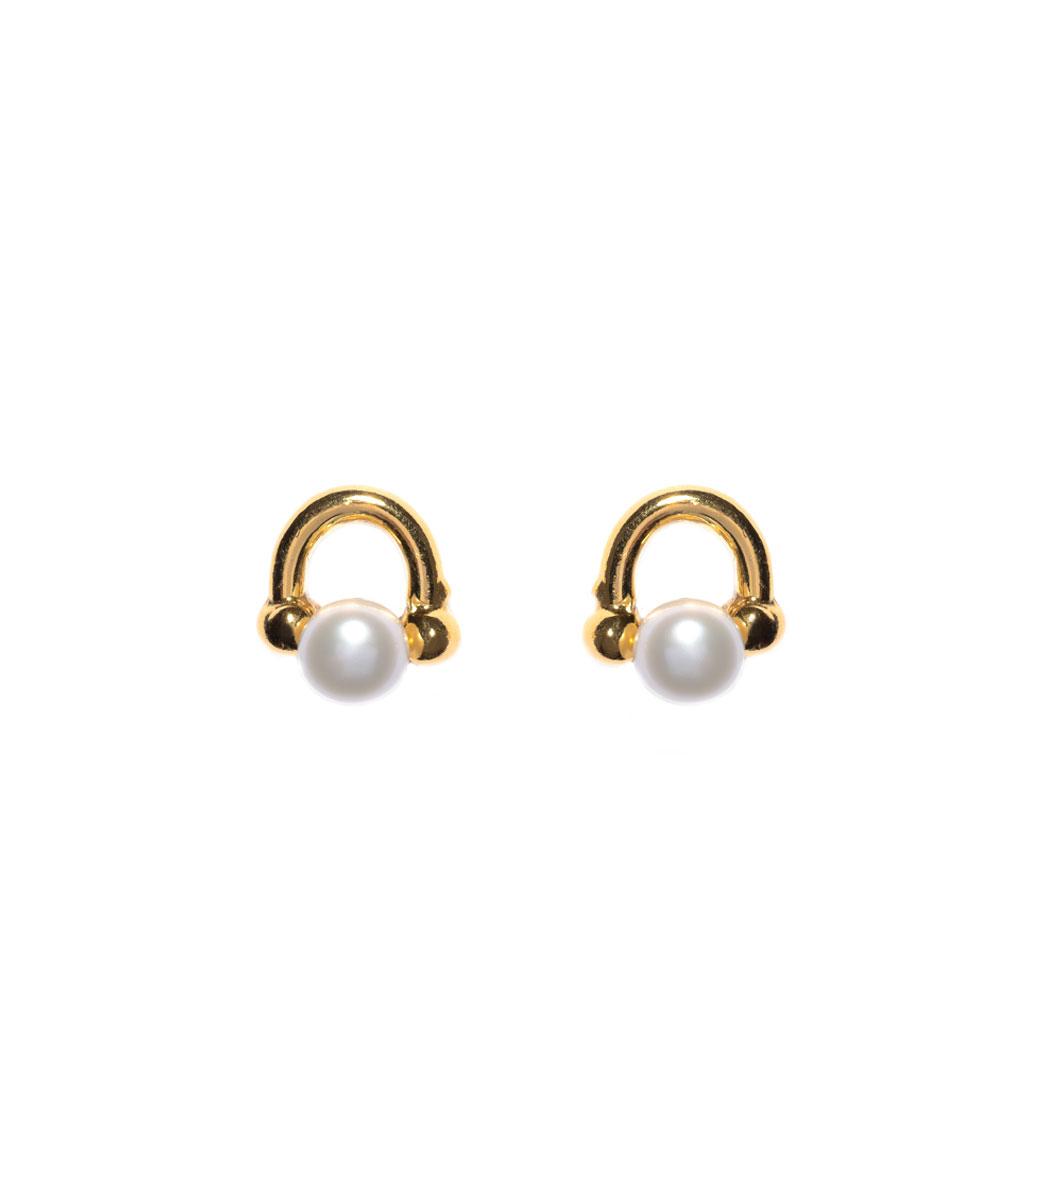 'conch' earrings